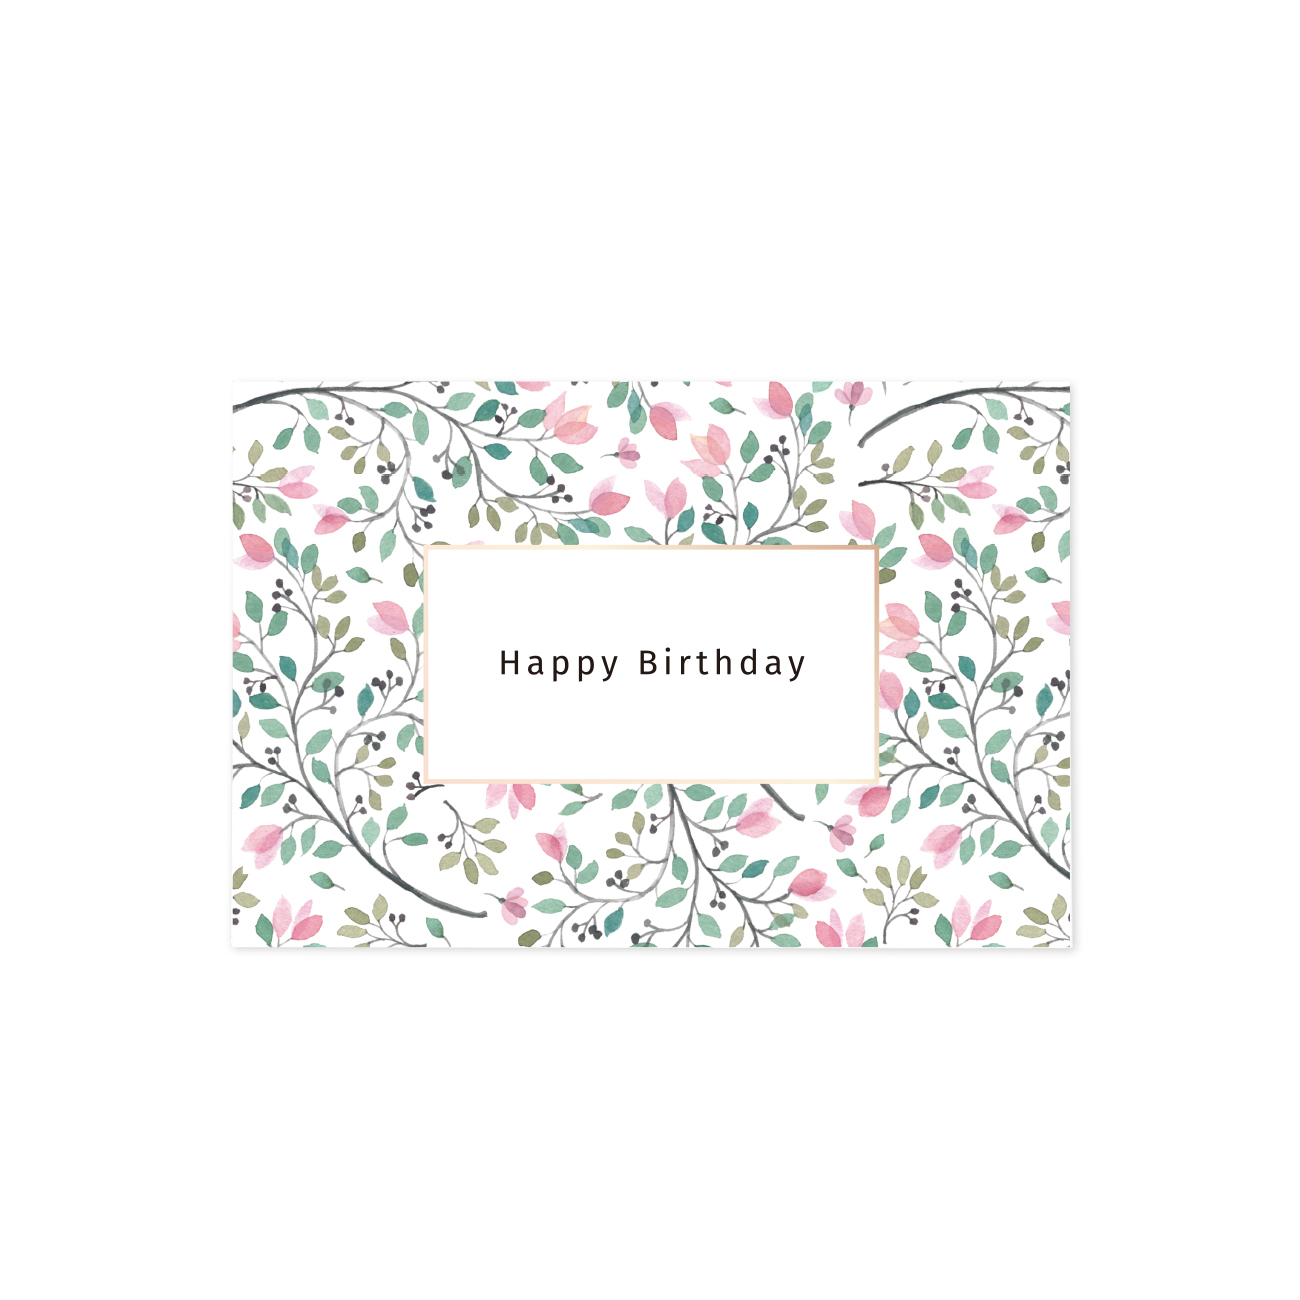 グリーティングカード | Happy Birthday